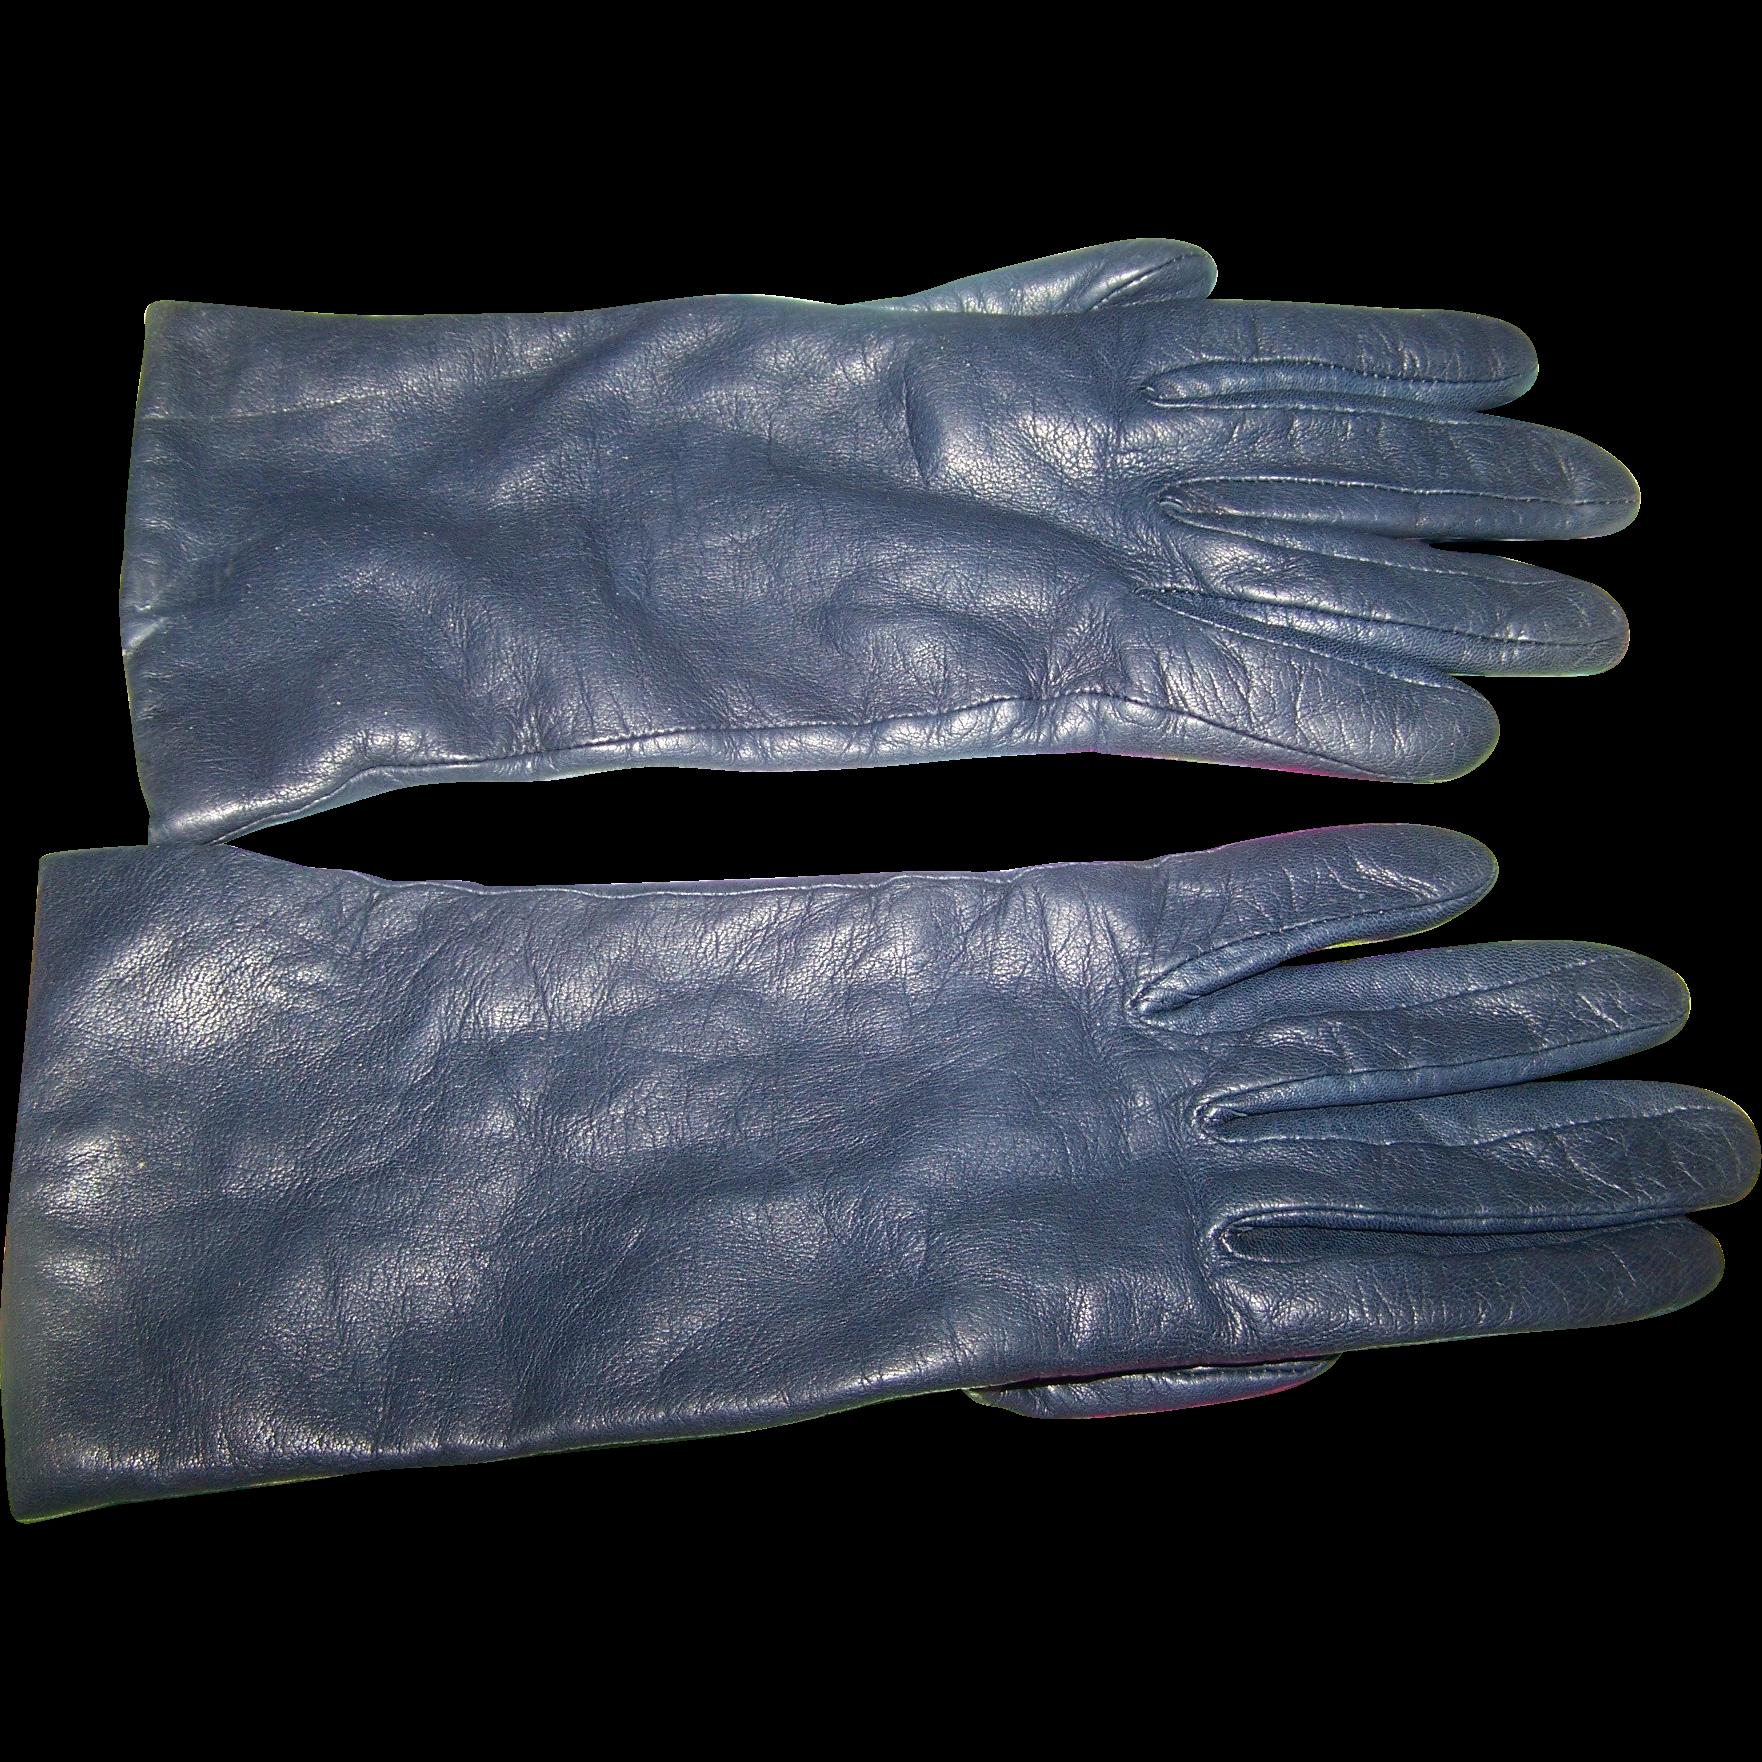 Ladies leather gloves navy - Gently Used Vintage Navy Blue Ladies Leather Gloves From Eaton